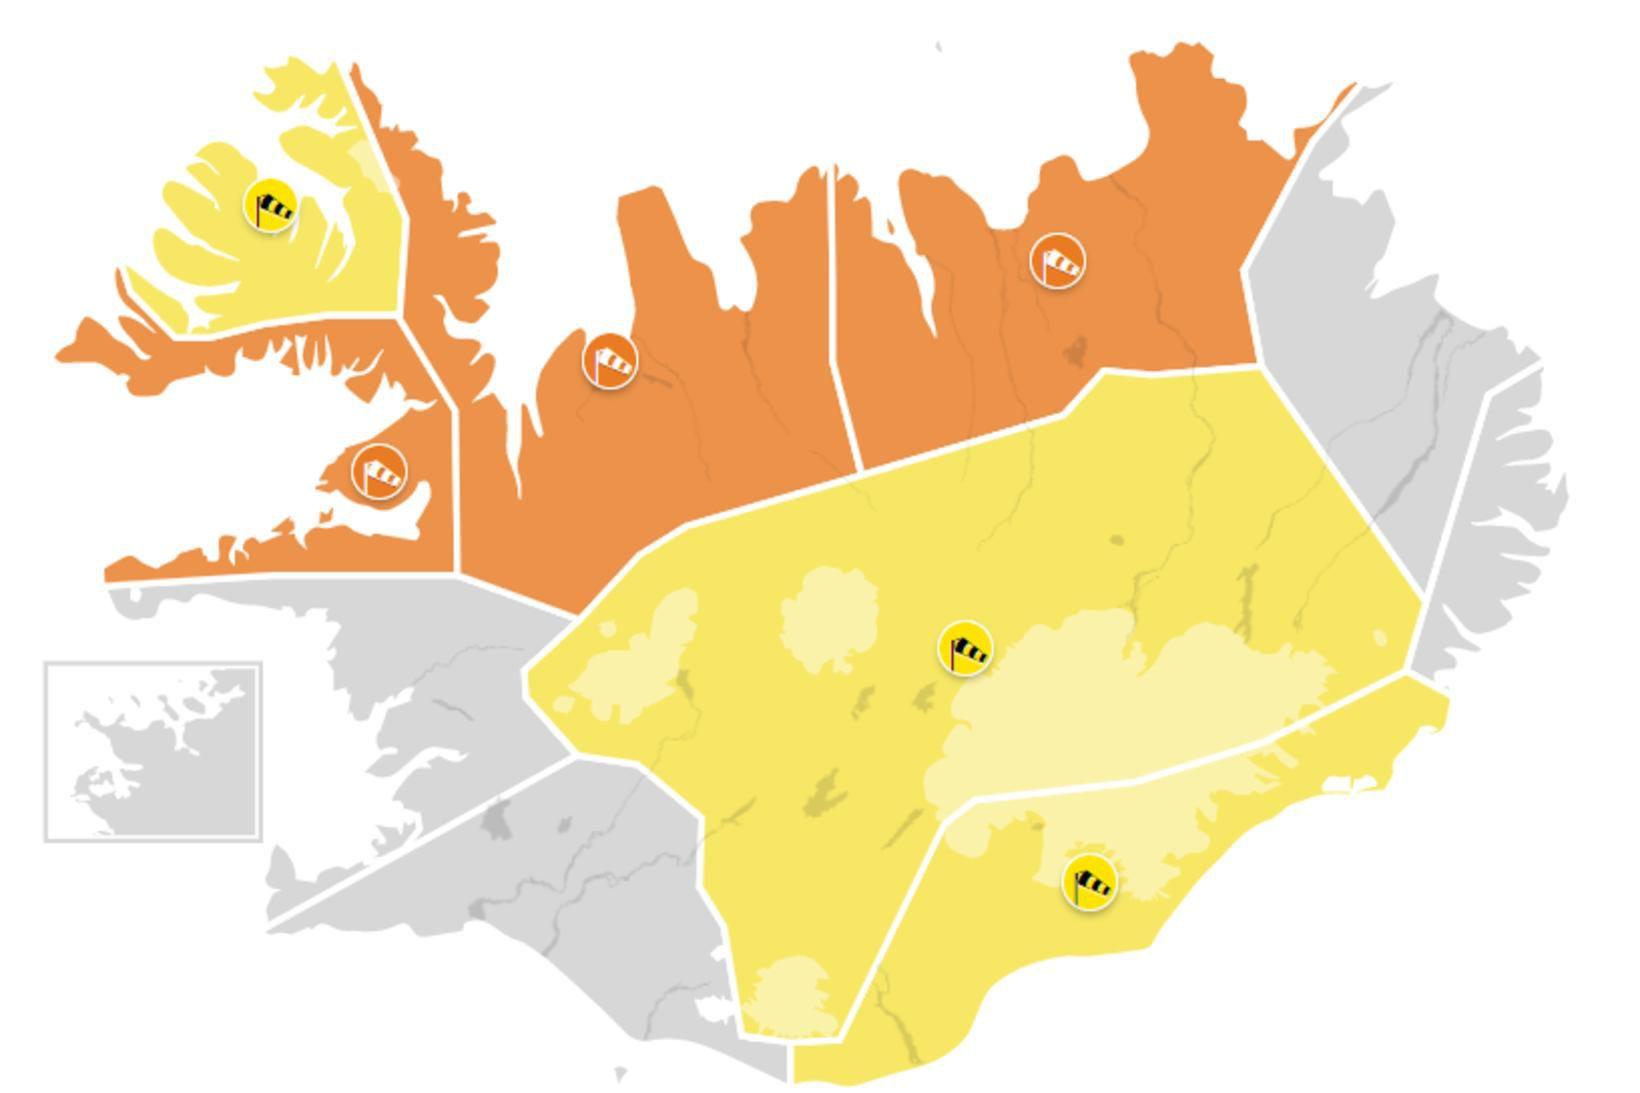 Þrjár appelsínugular viðvaranir og þrjá gular eru í gildi hjá …